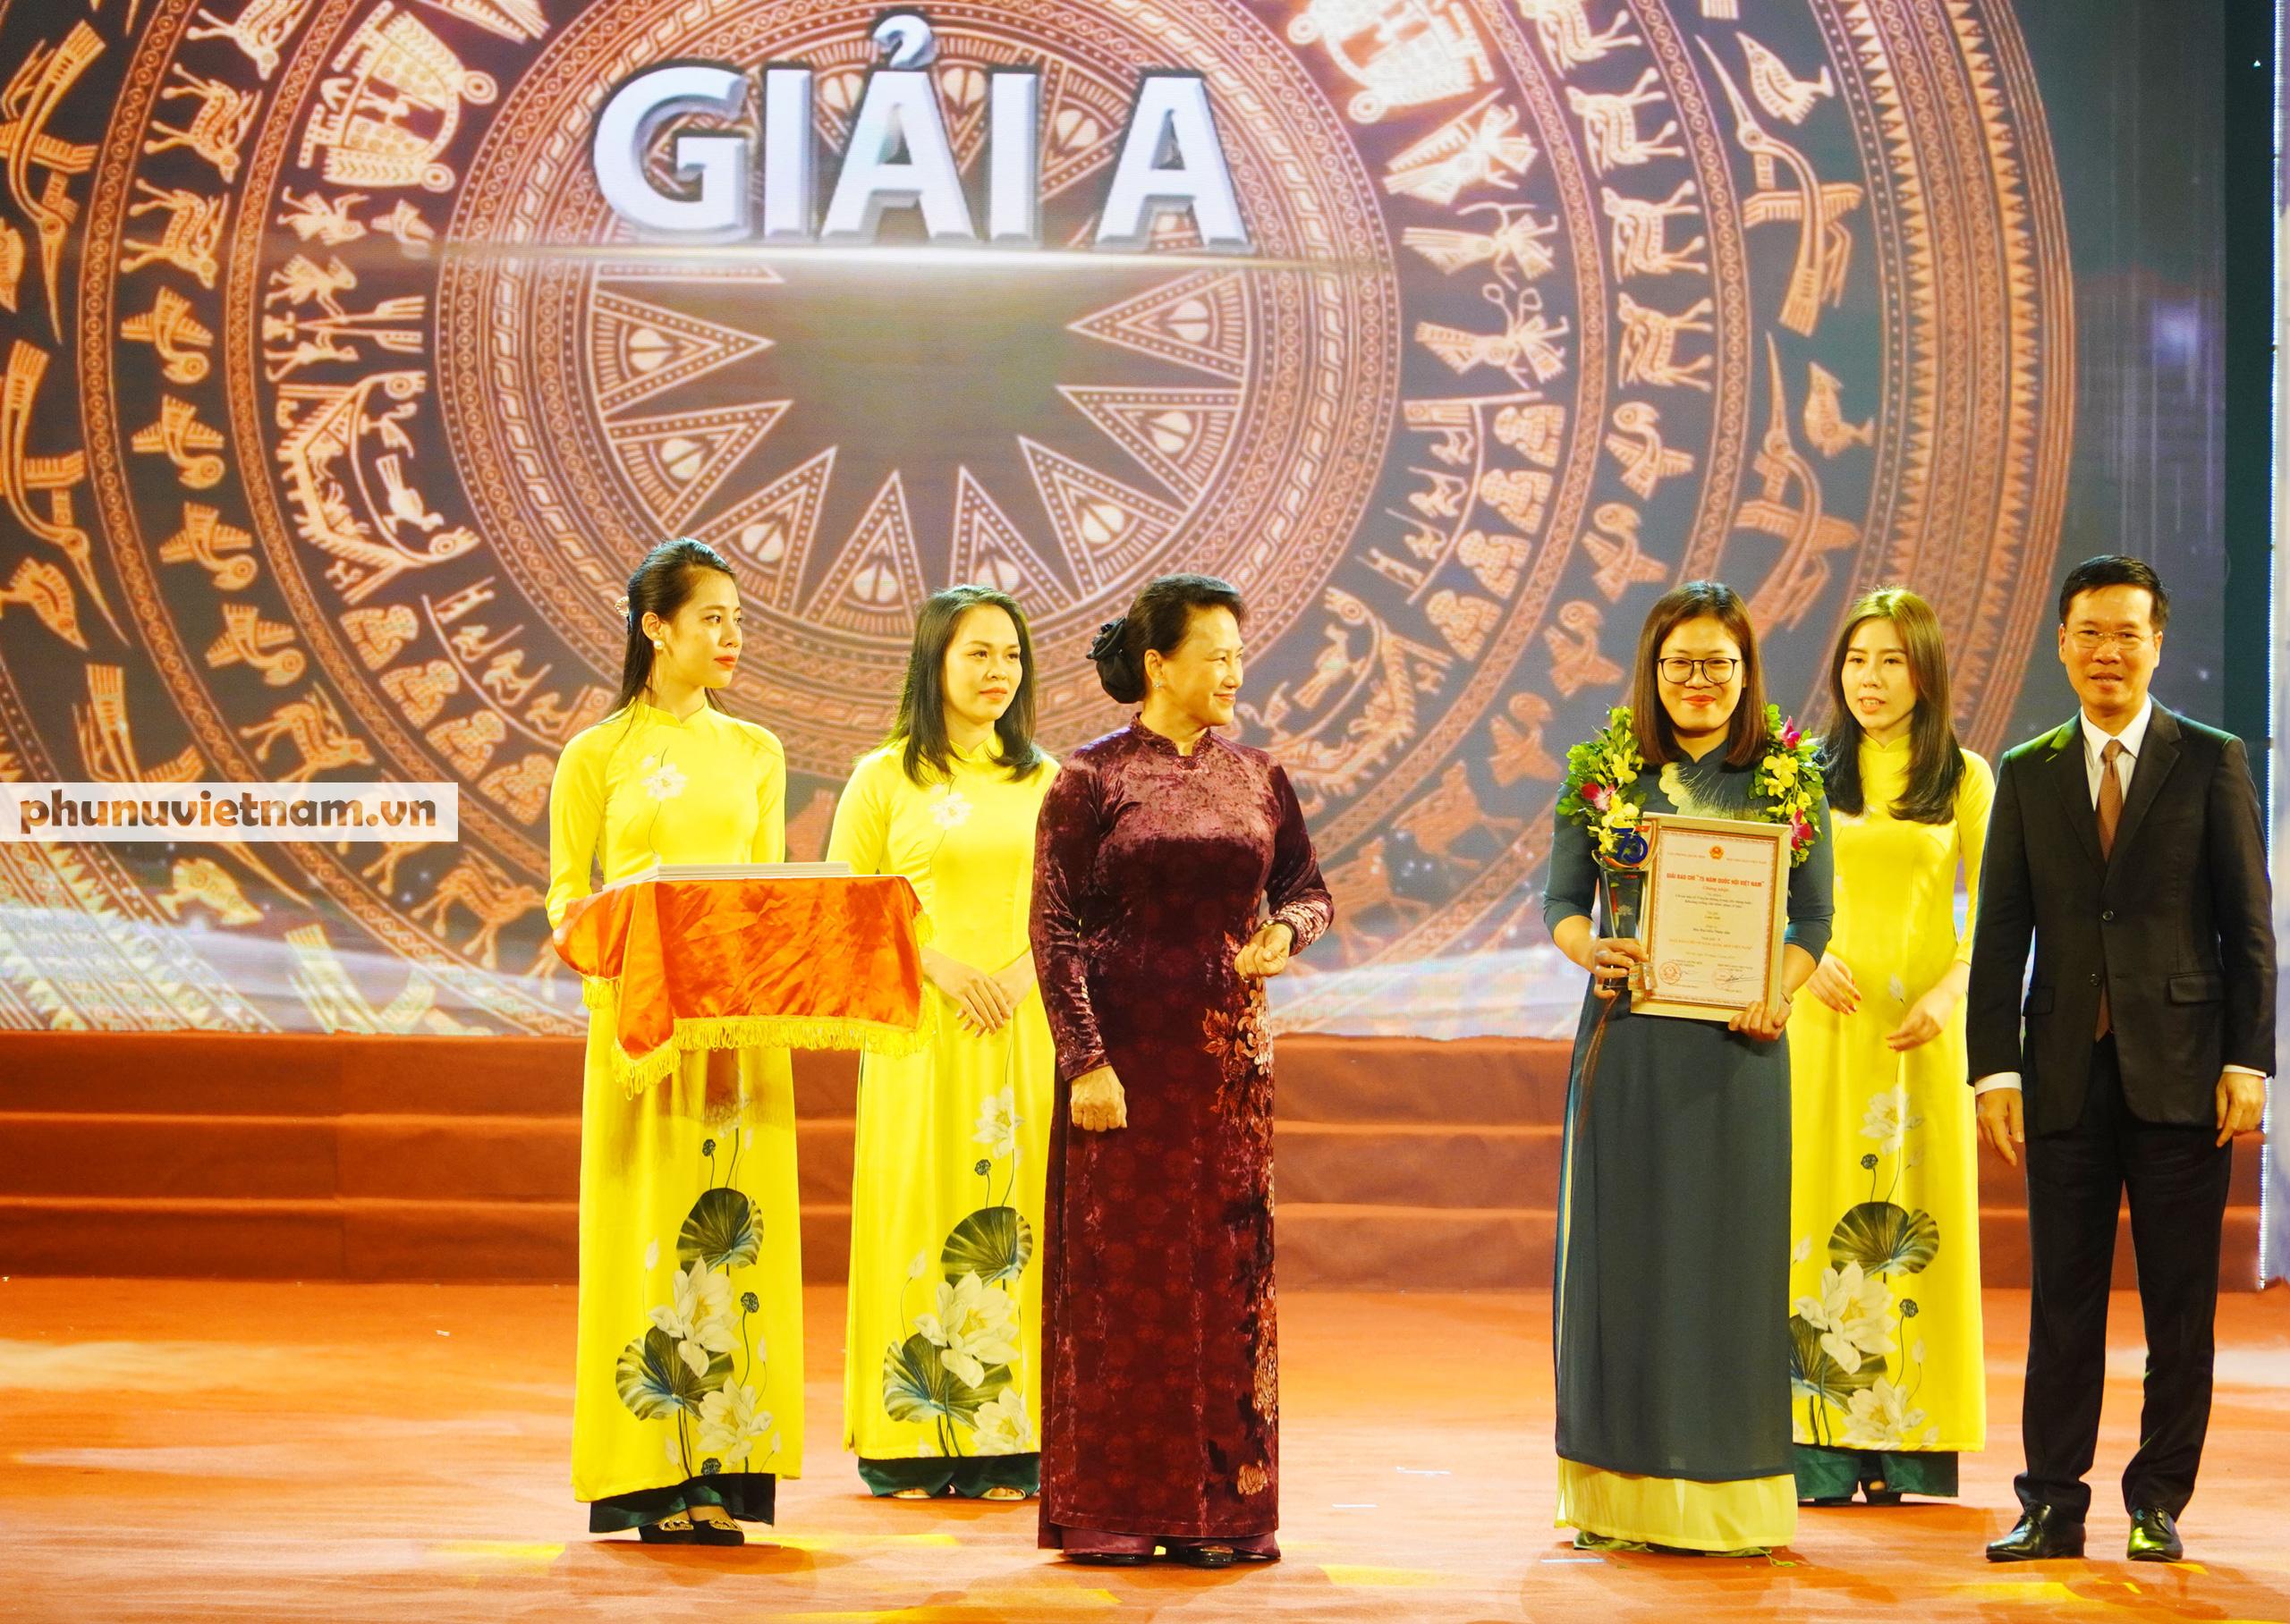 """Báo Phụ nữ Việt Nam đạt Giải C Giải Báo chí """"75 năm Quốc hội Việt Nam"""" - Ảnh 4."""